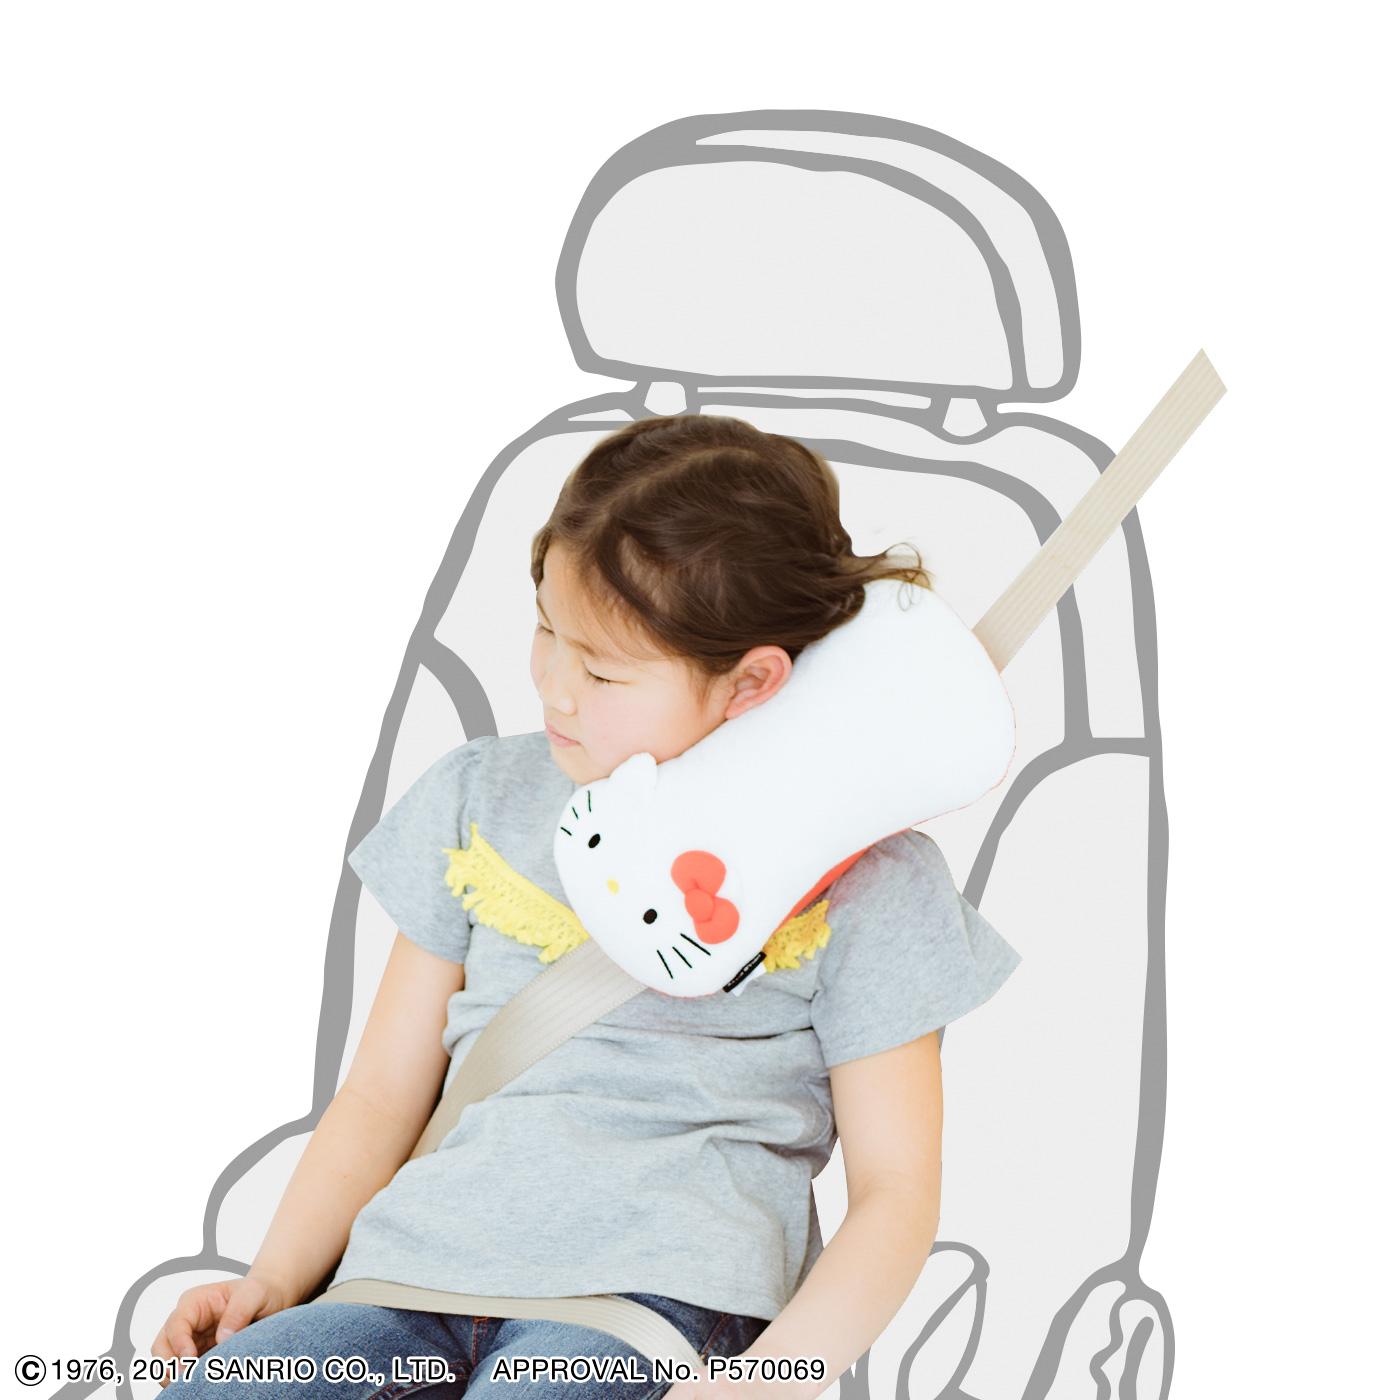 フェリシモ ハローキティ 長時間の移動も安心! すやすや眠れるシートベルト枕の会